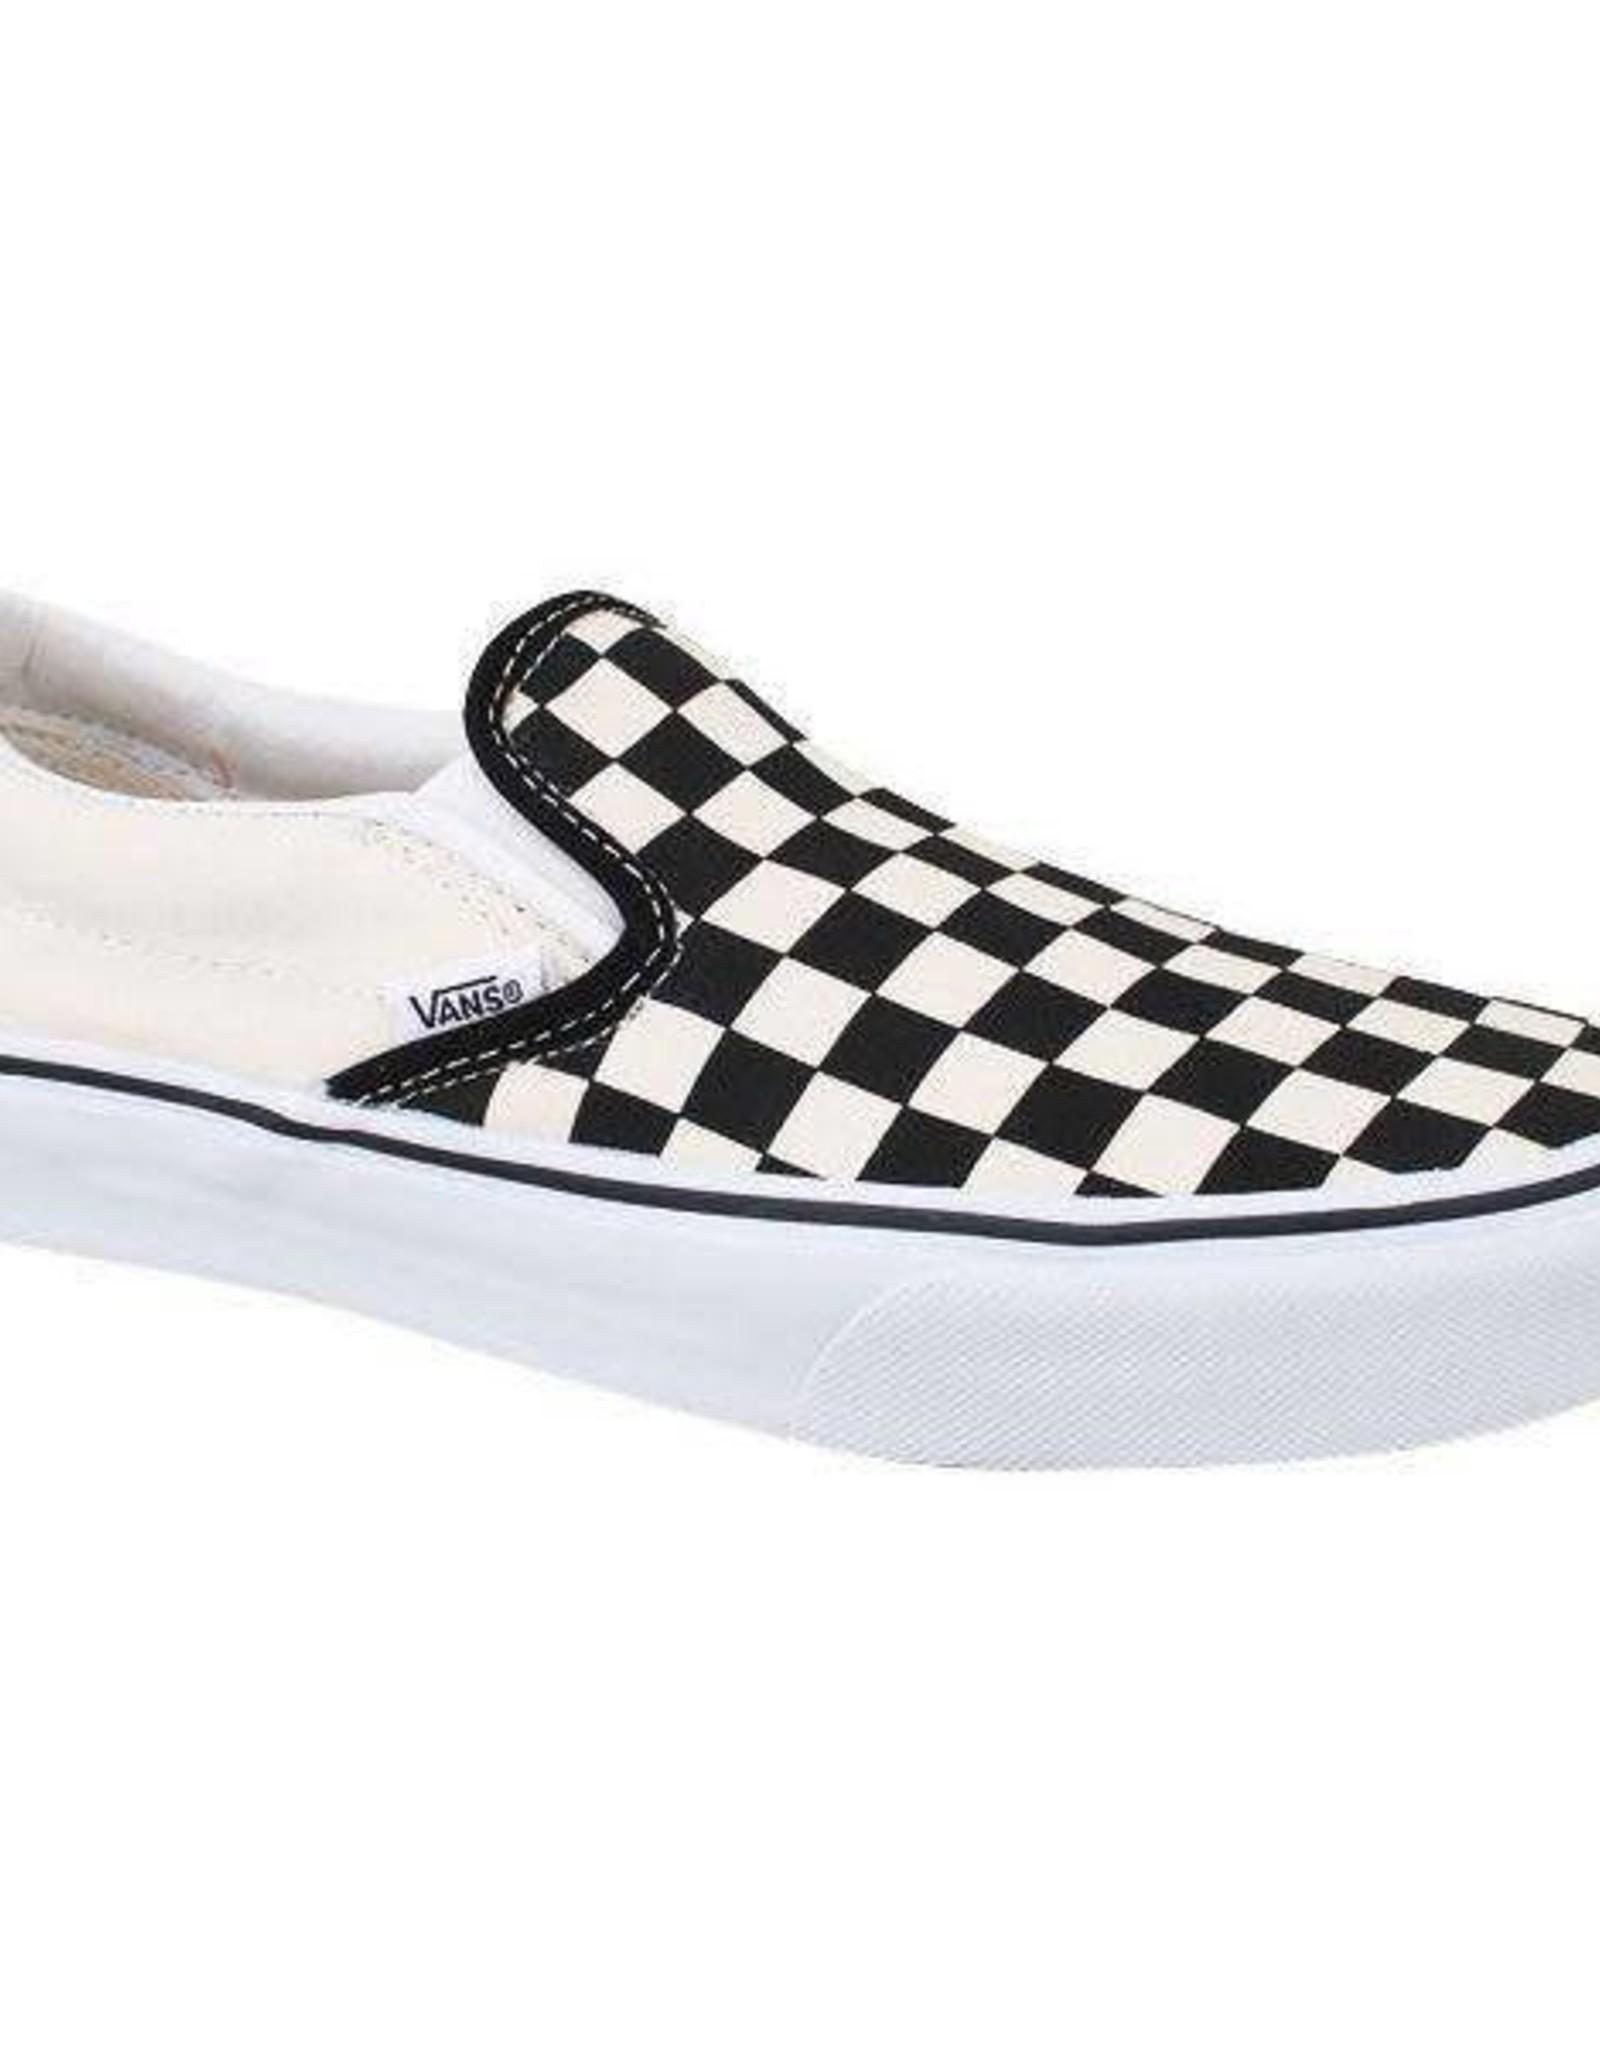 Vans Vans - CLASSIC SLIP-ON - Blk/Wht Checkerboard -